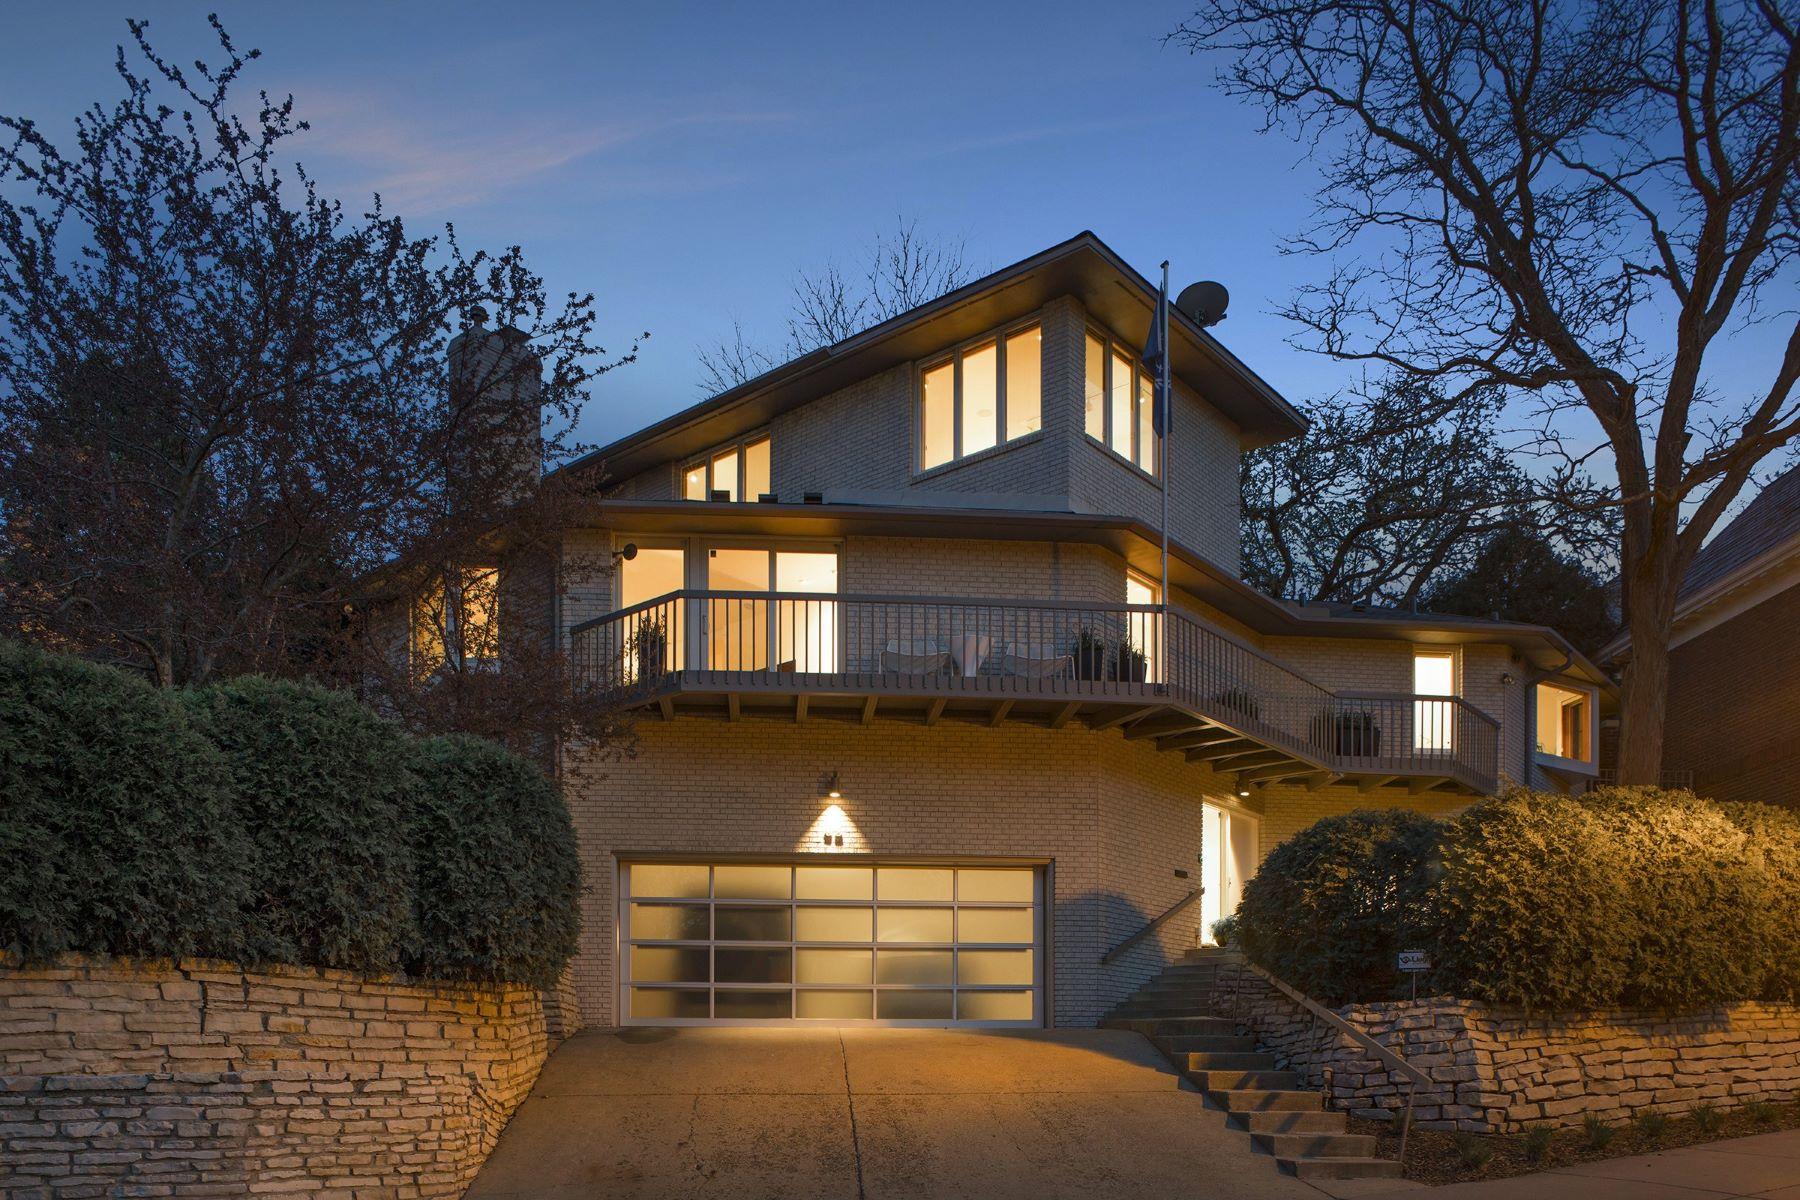 独户住宅 为 销售 在 93 Groveland Terrace 明尼阿波利斯市, 明尼苏达州, 55403 美国